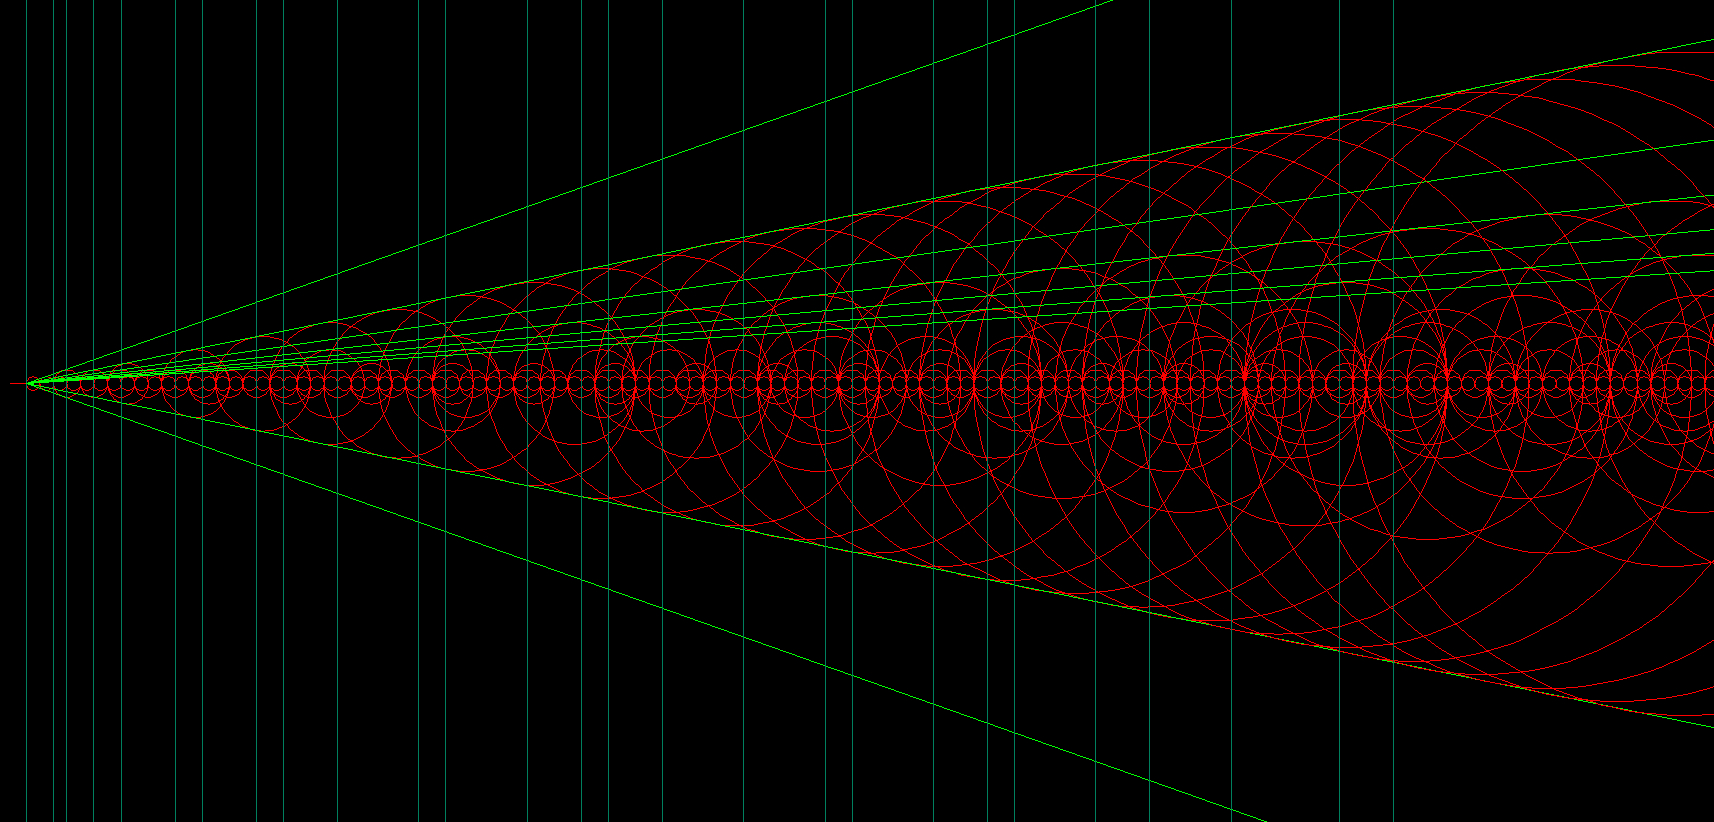 Prime Number Pattern Interesting Design